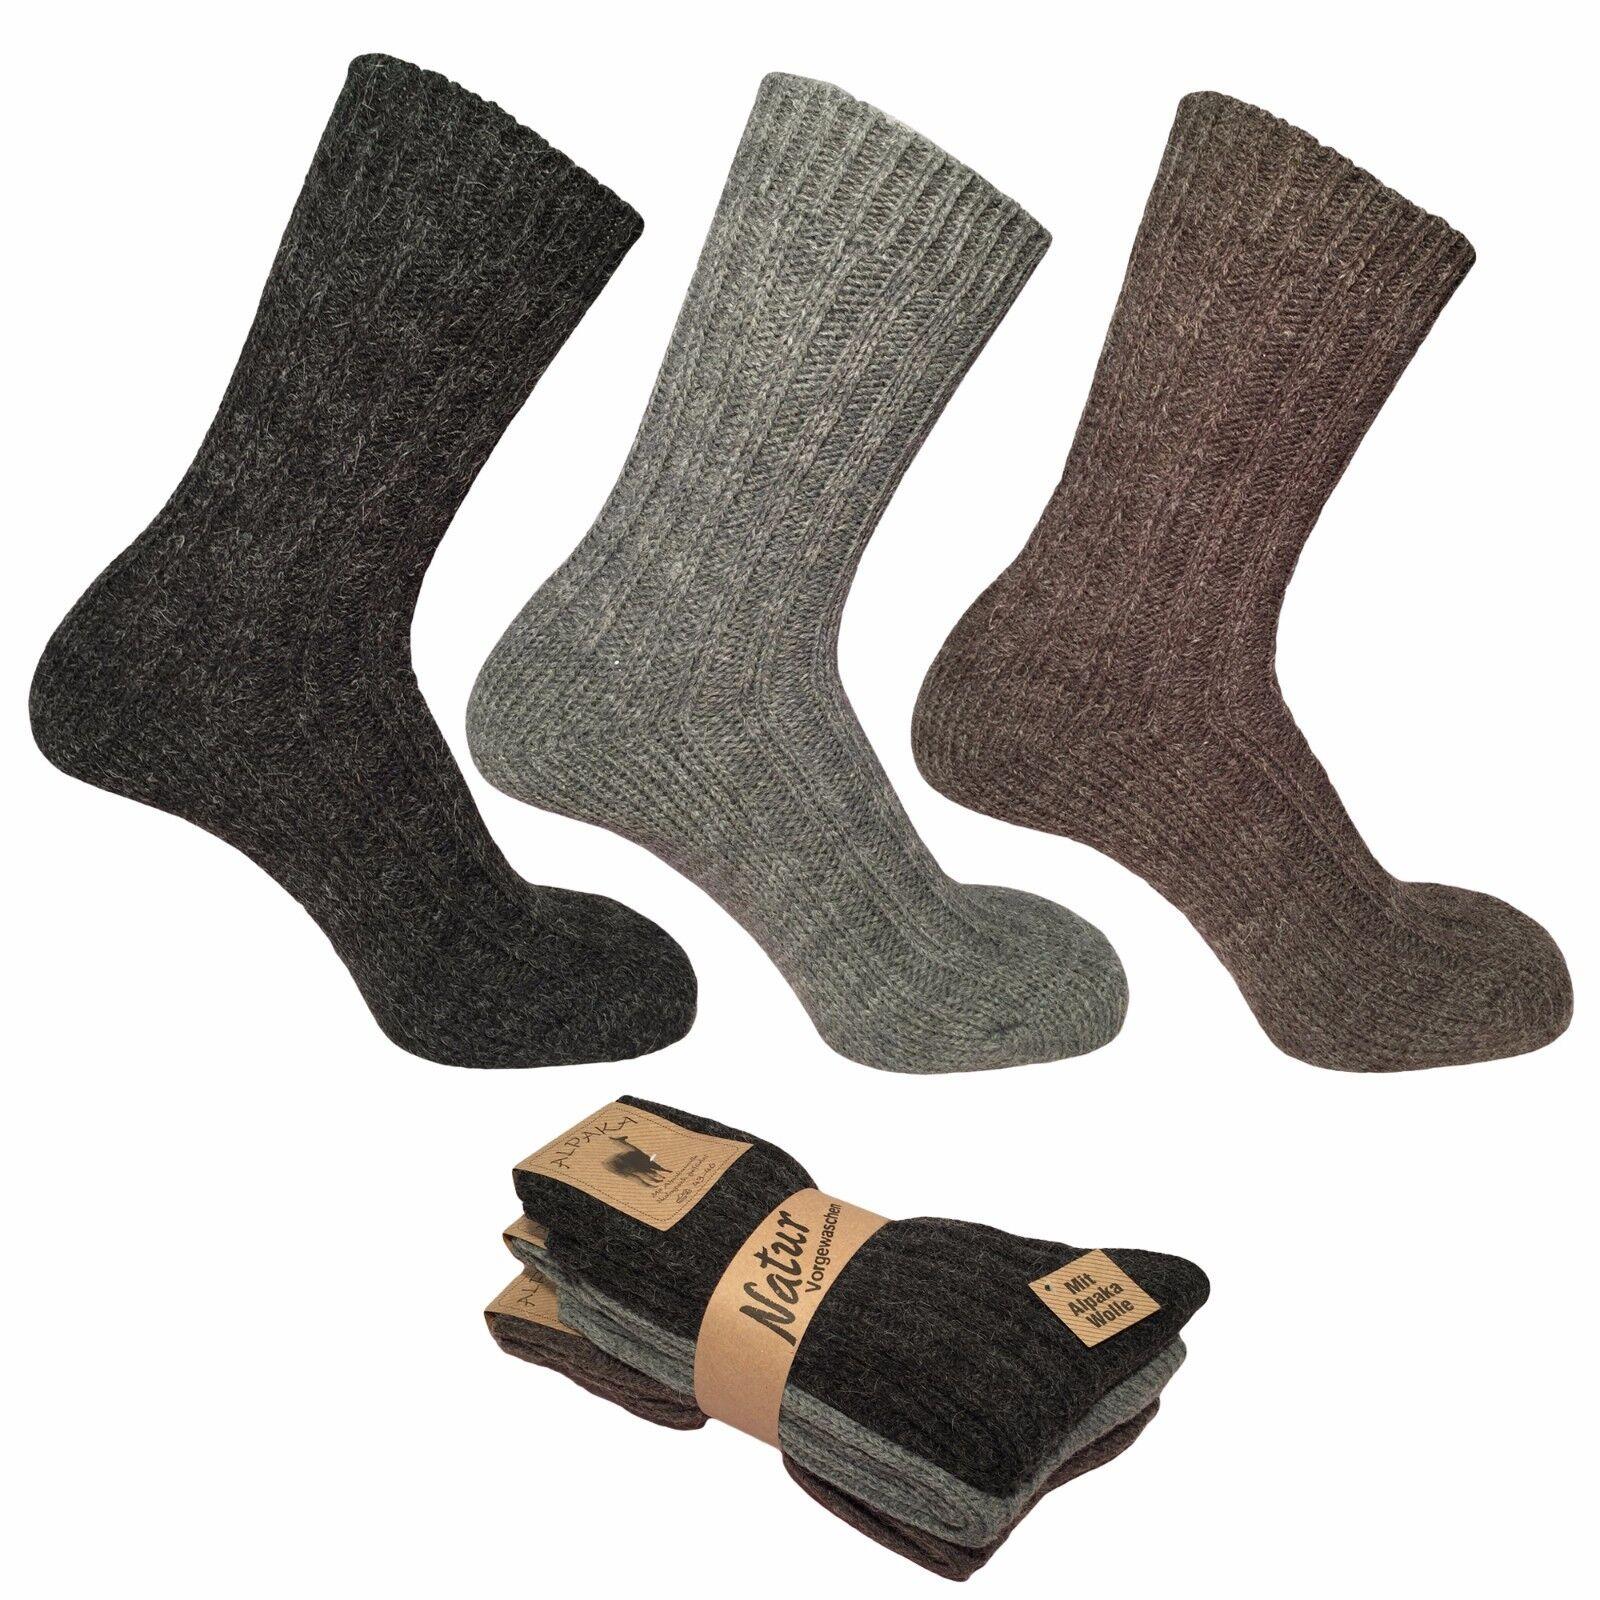 3 paia calze calzini uomo corti termici a coste in calda LANA ALPAKA invernali